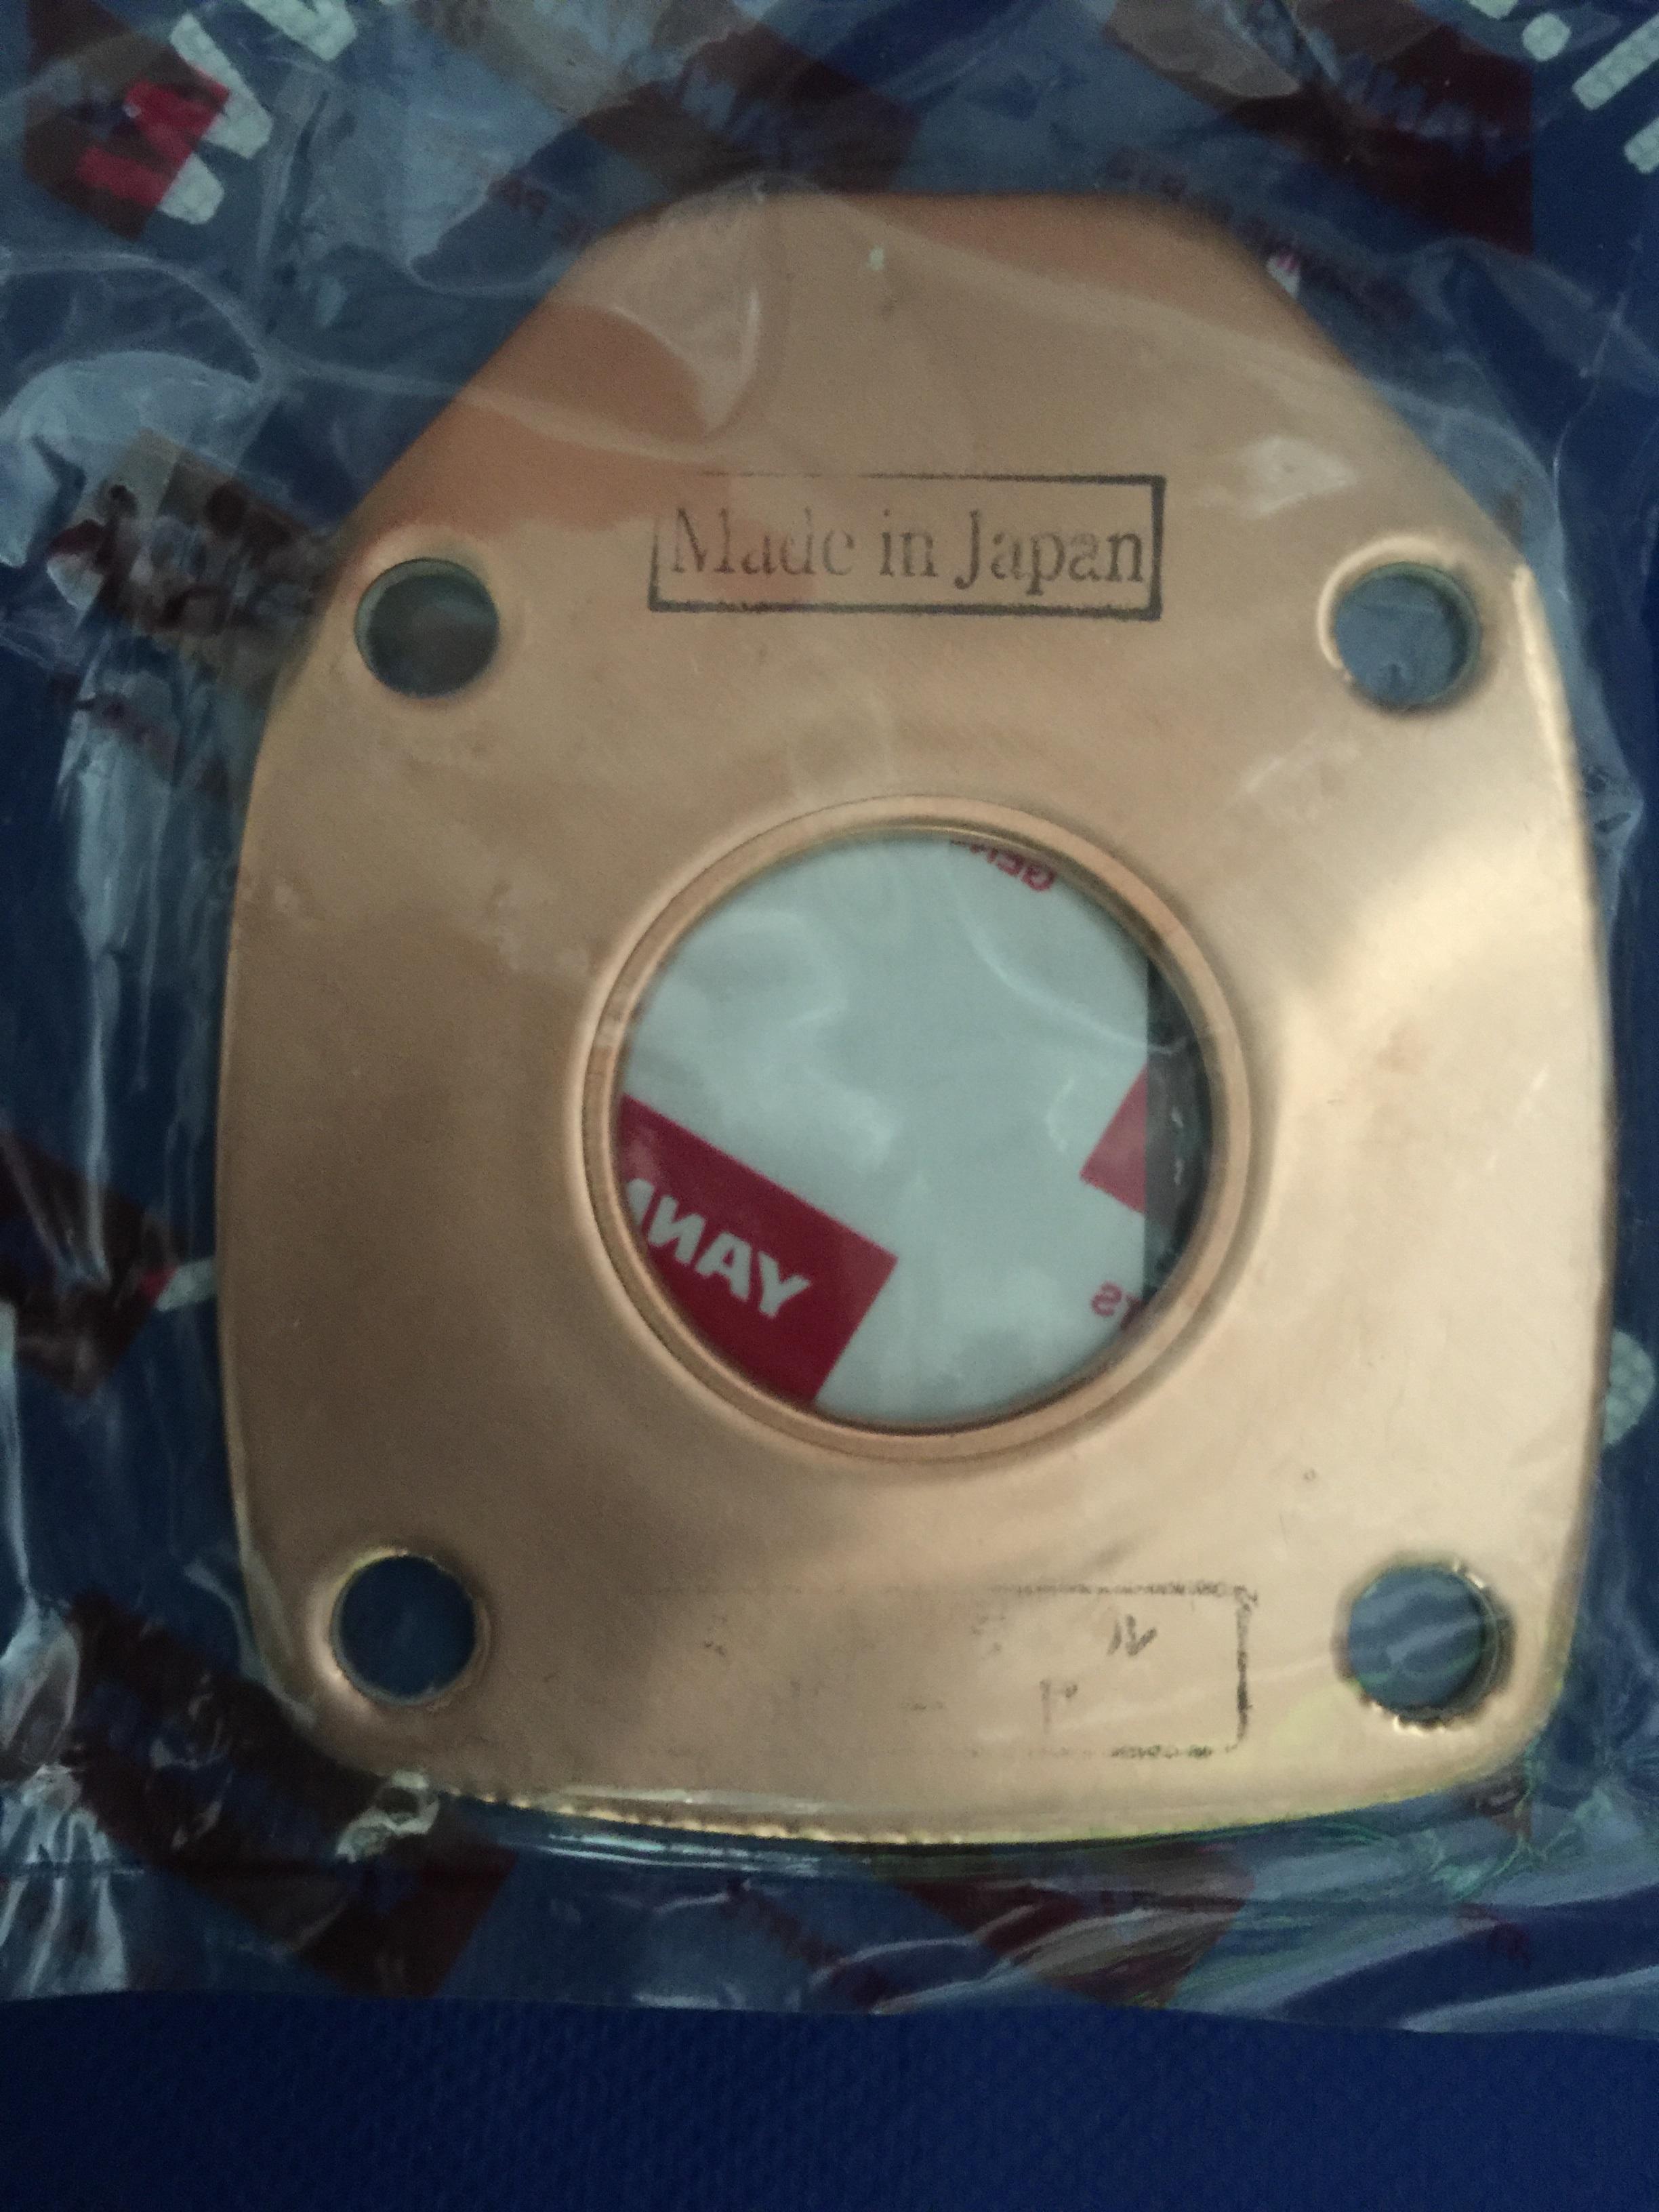 Exhaust Bend Gasket #124770-13171 - J-Way Enterprises